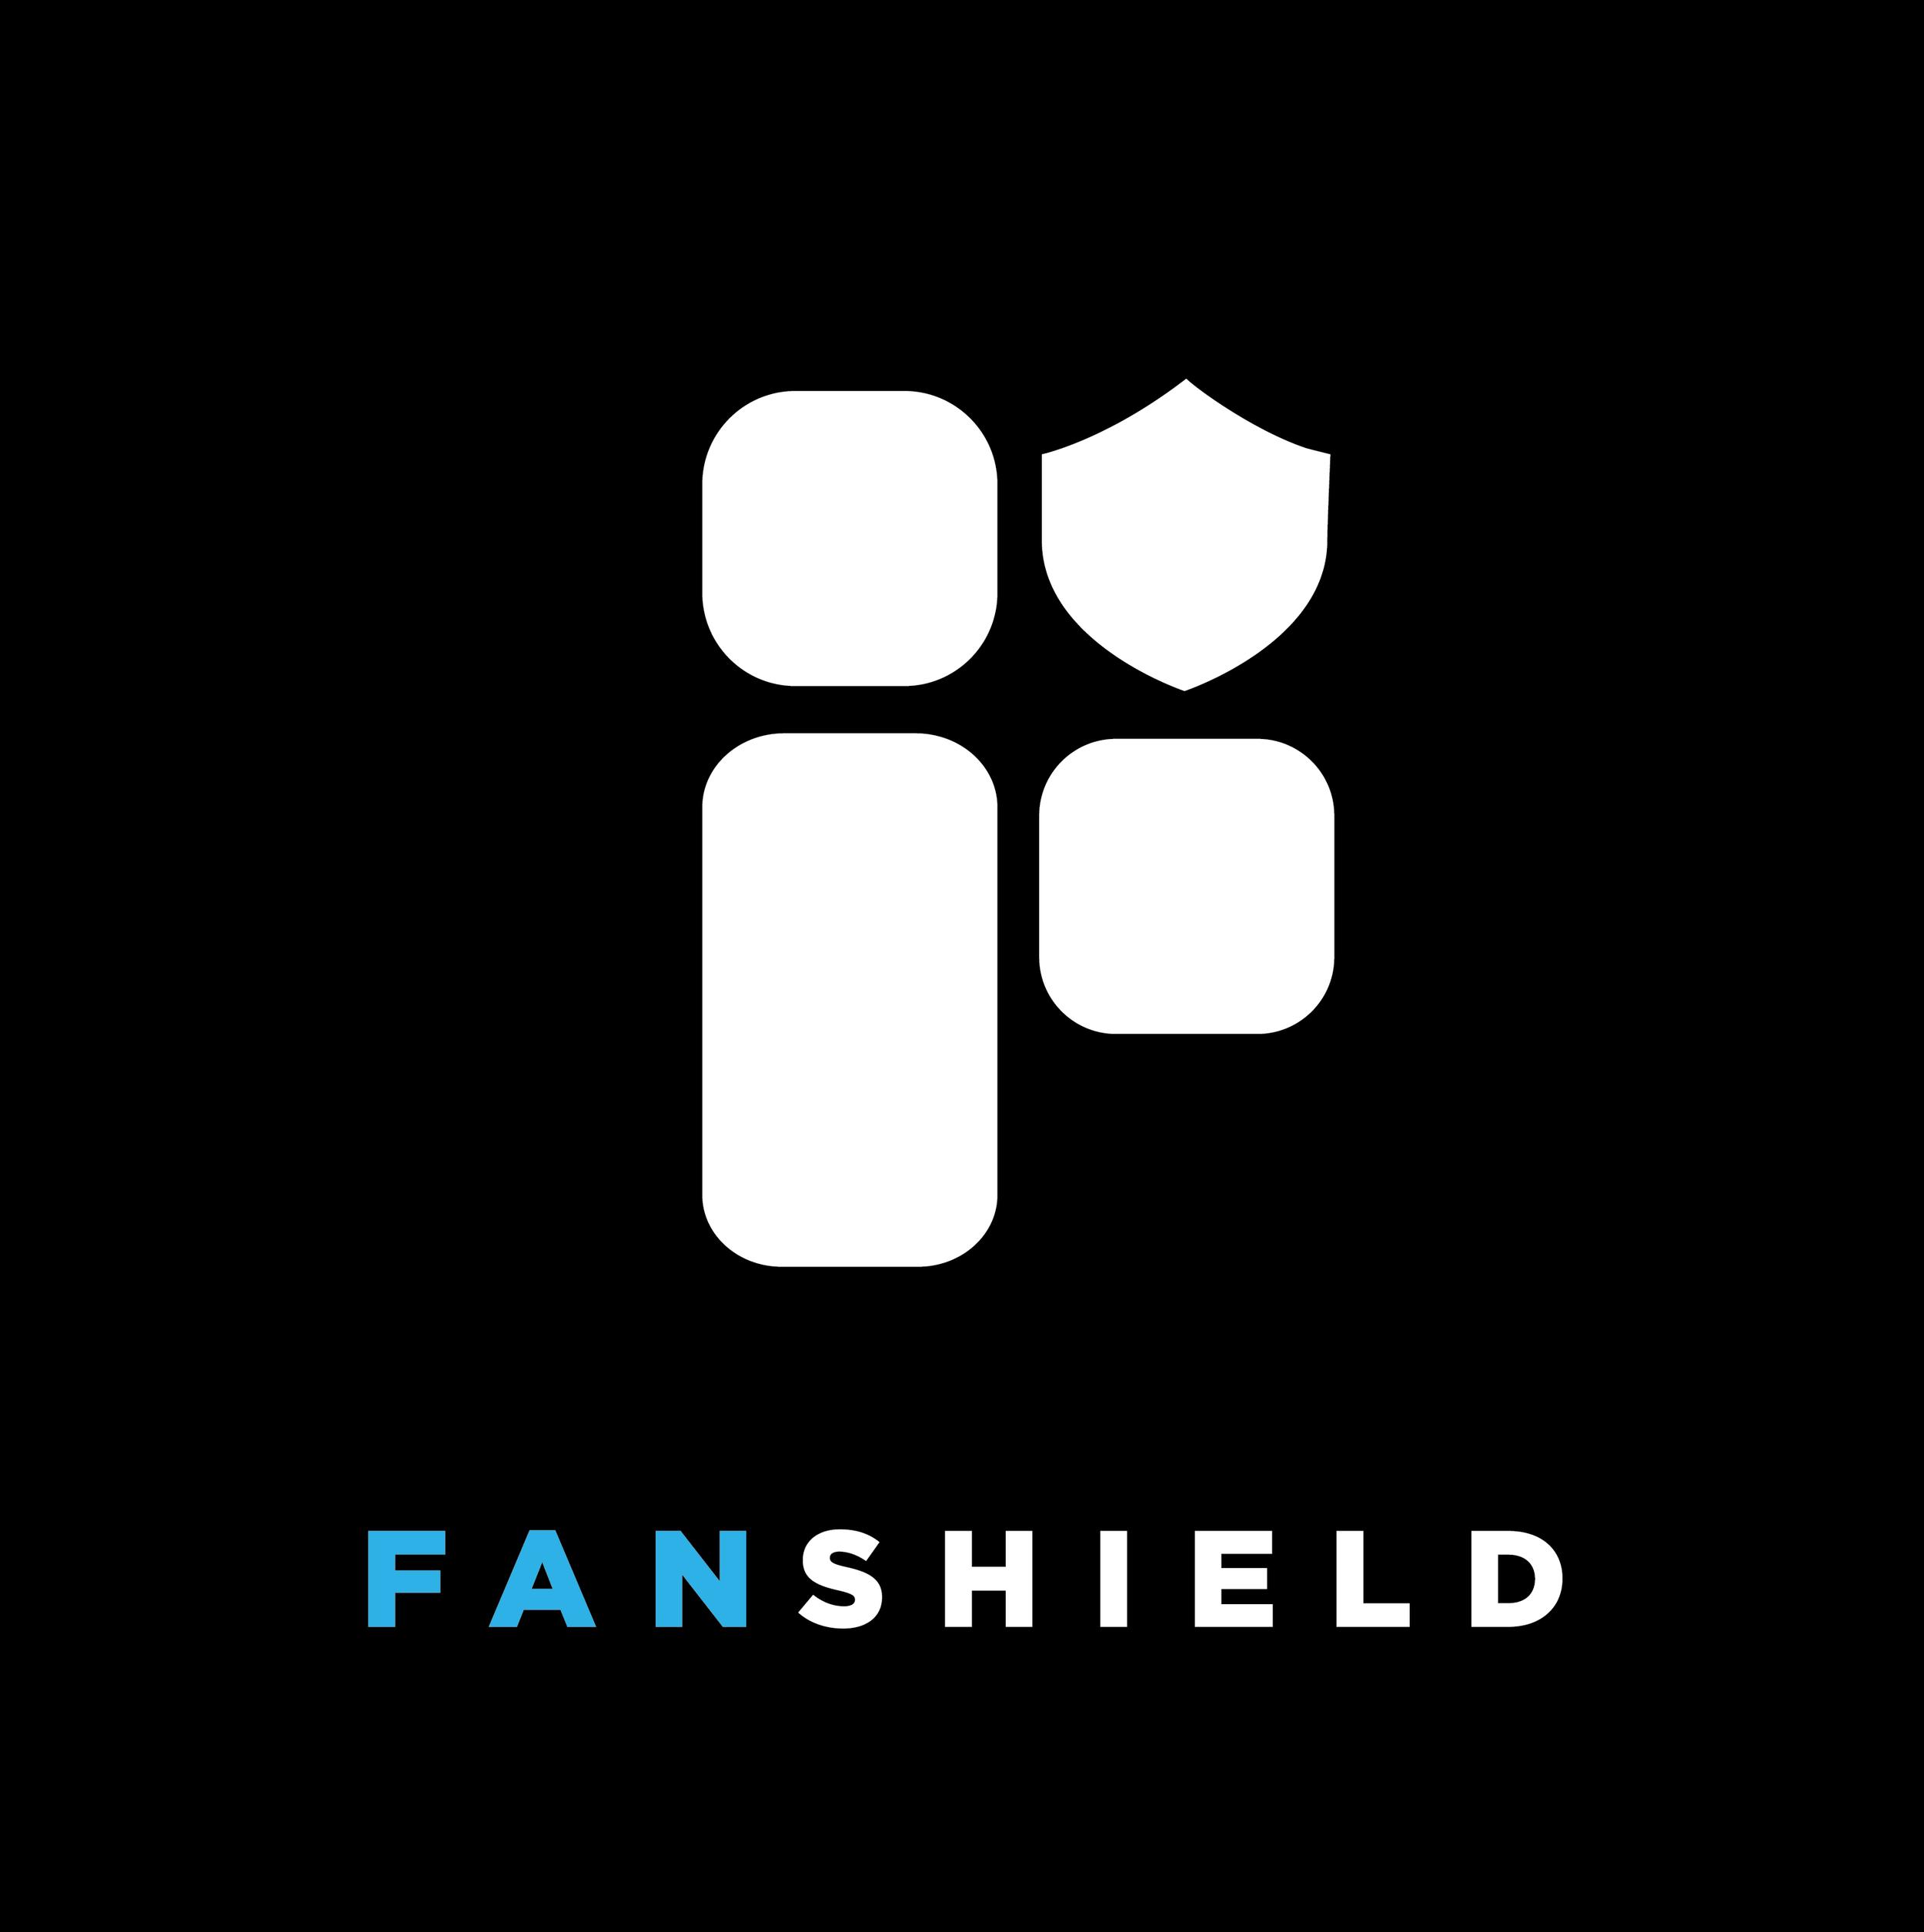 Fanshield_Square_Blk.png